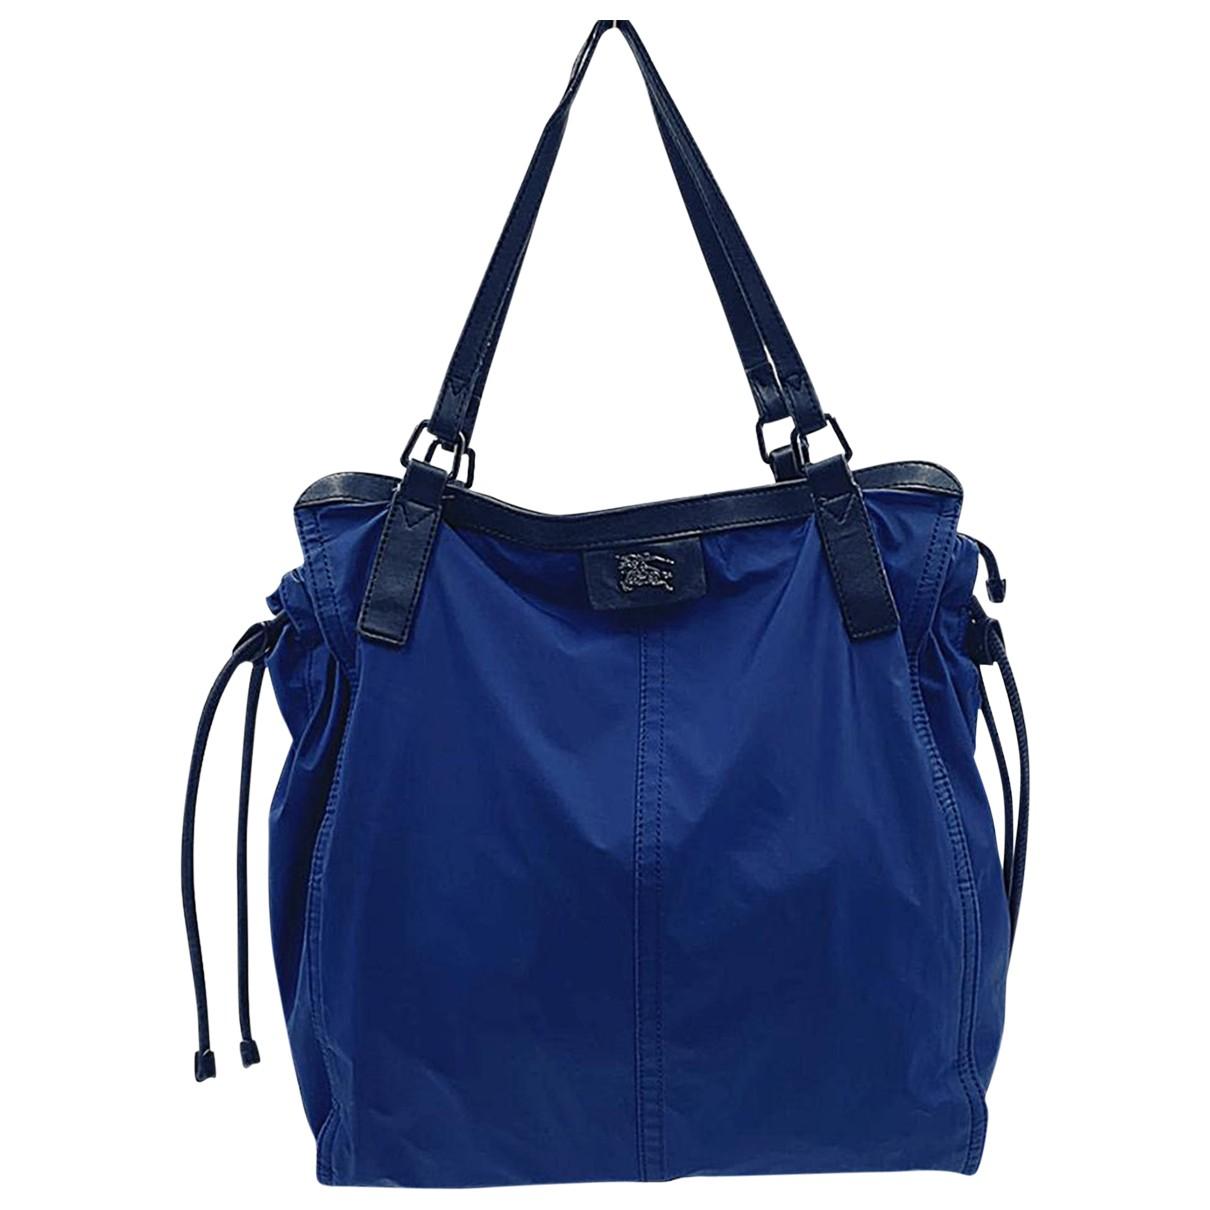 Burberry \N Blue handbag for Women \N